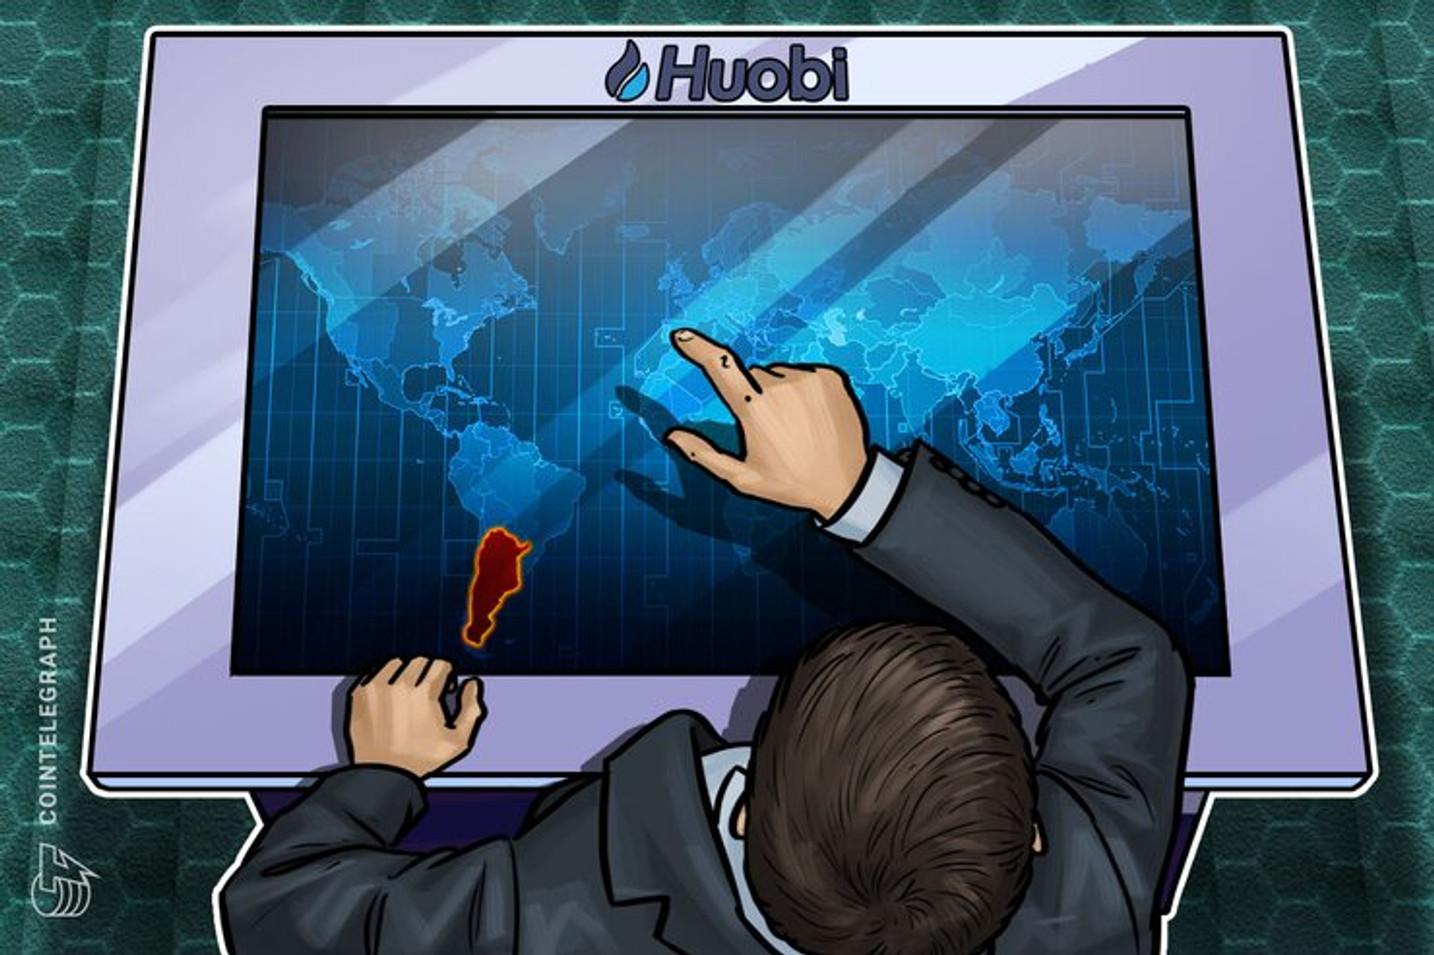 Lanzaron oficialmente la plataforma HuobiAr para comprar y vender criptomonedas en Argentina